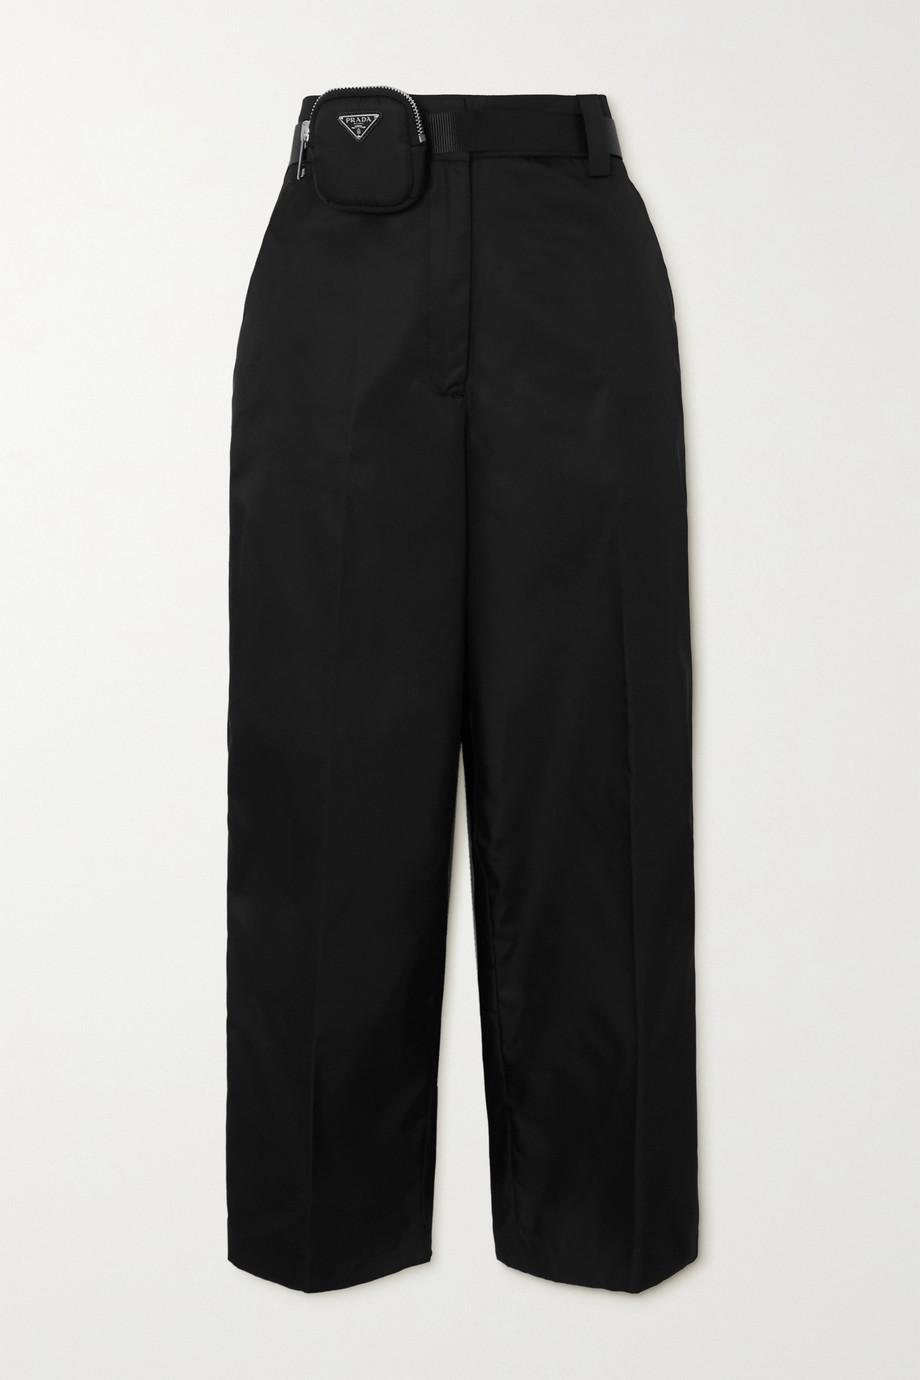 Prada Embellished belted nylon straight-leg pants